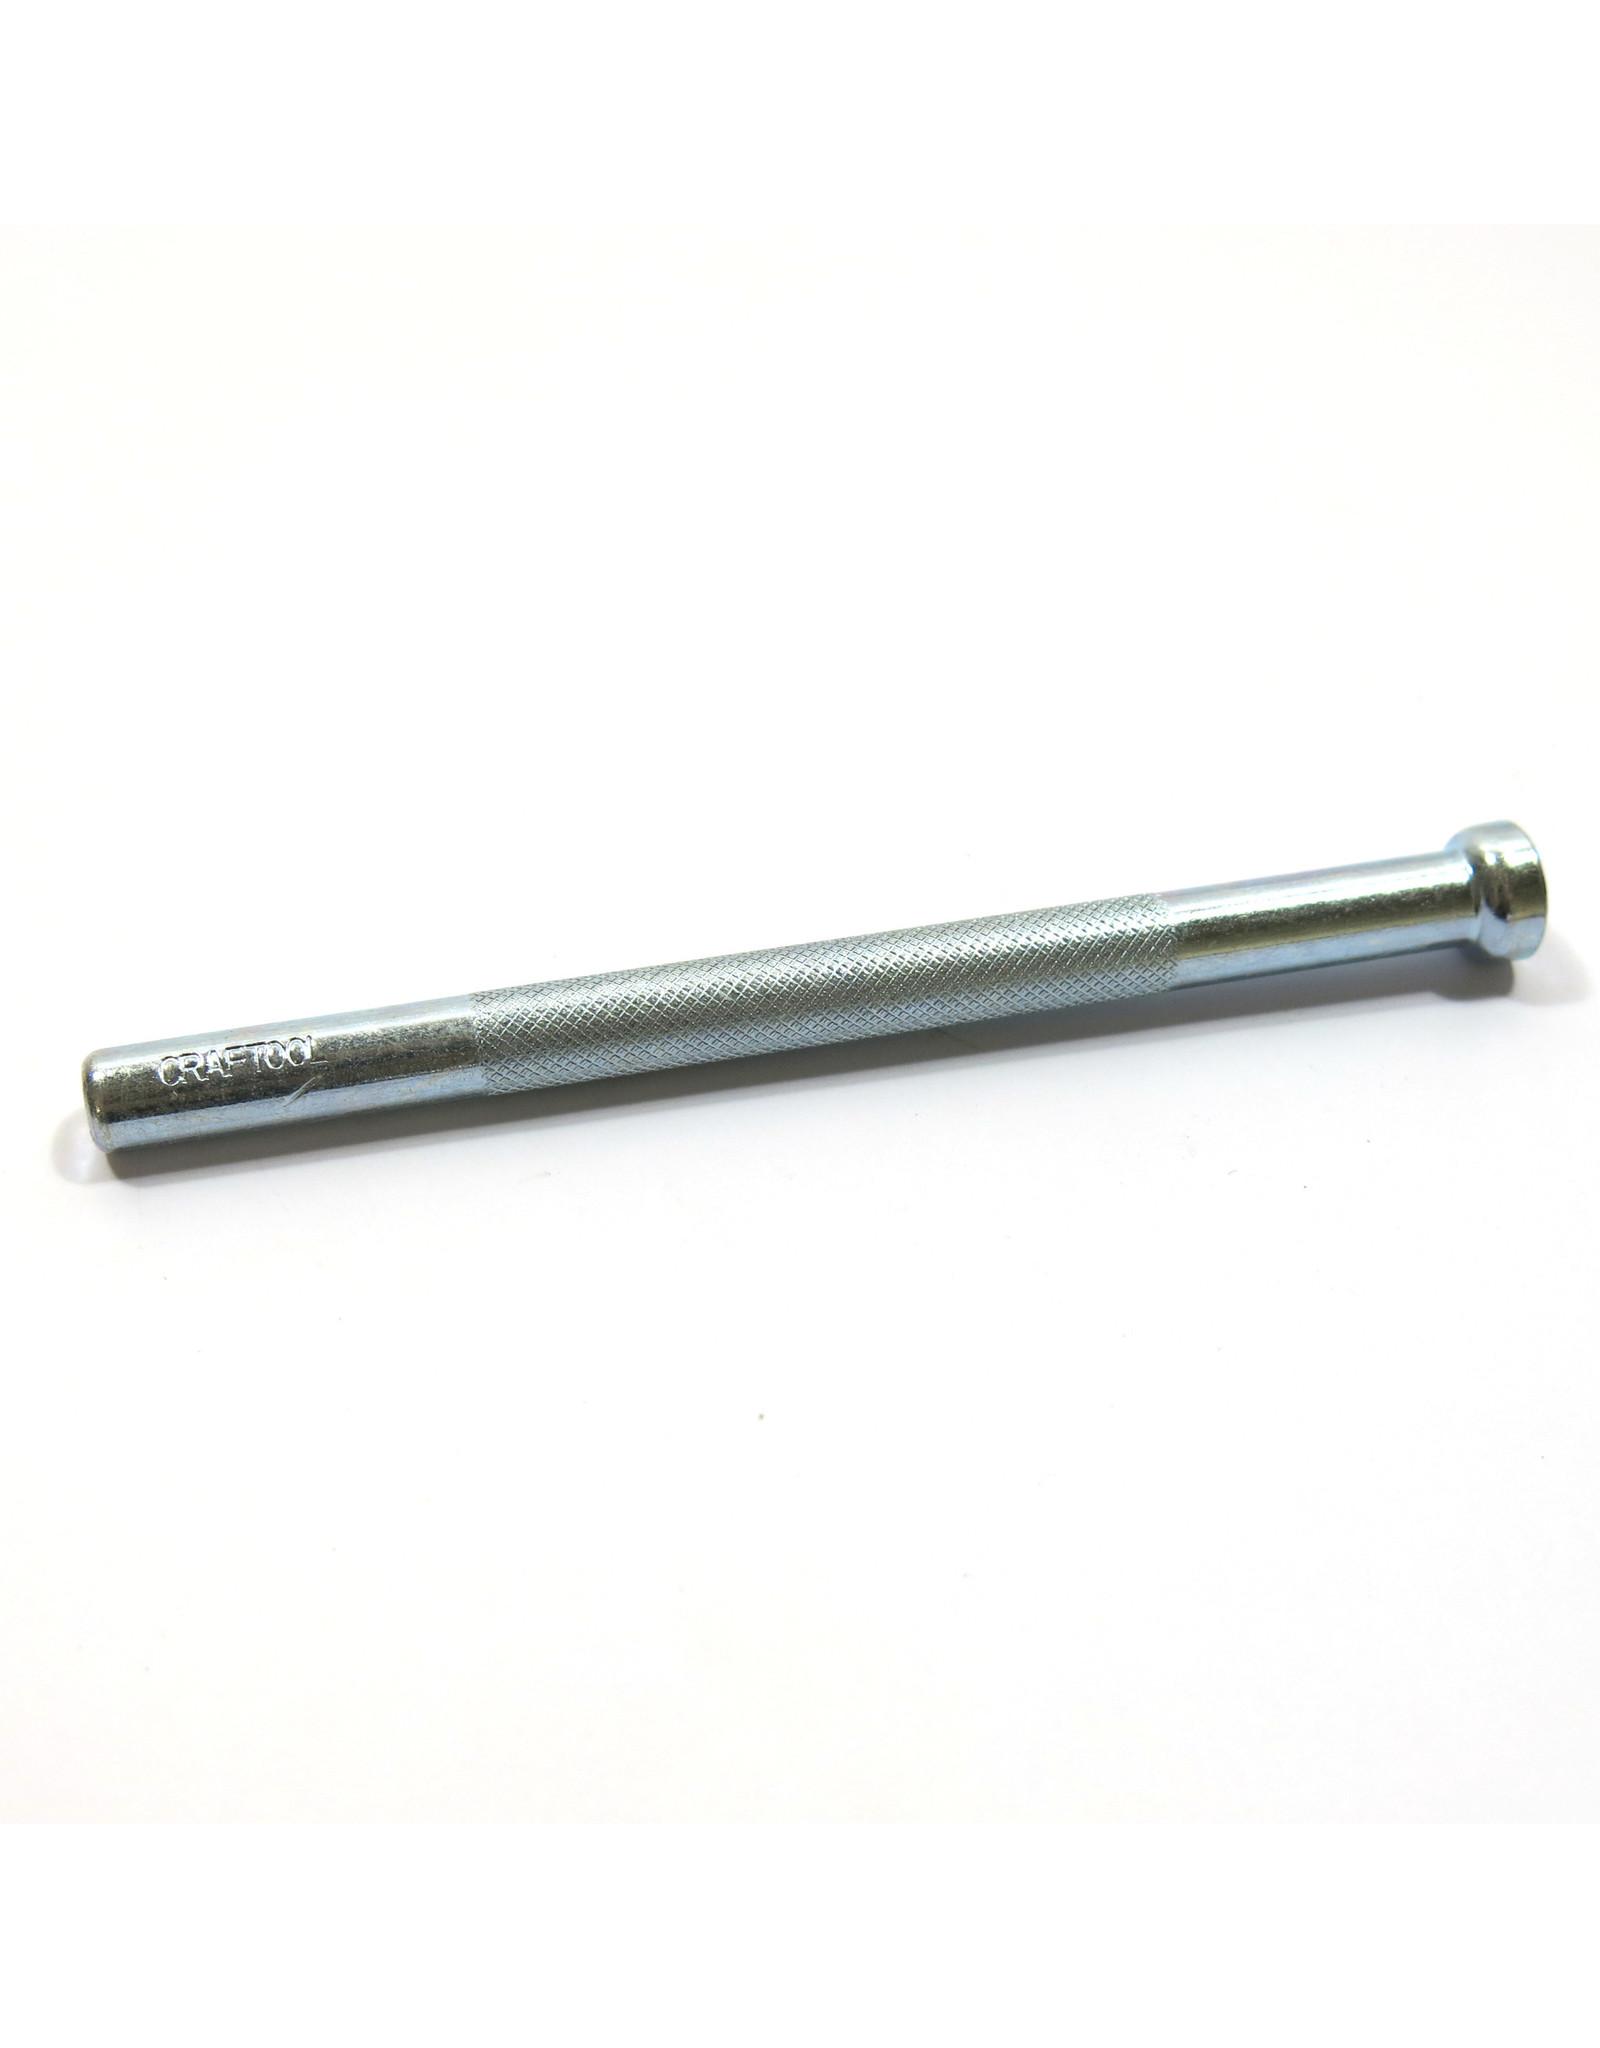 Domed rivet setter 10mm